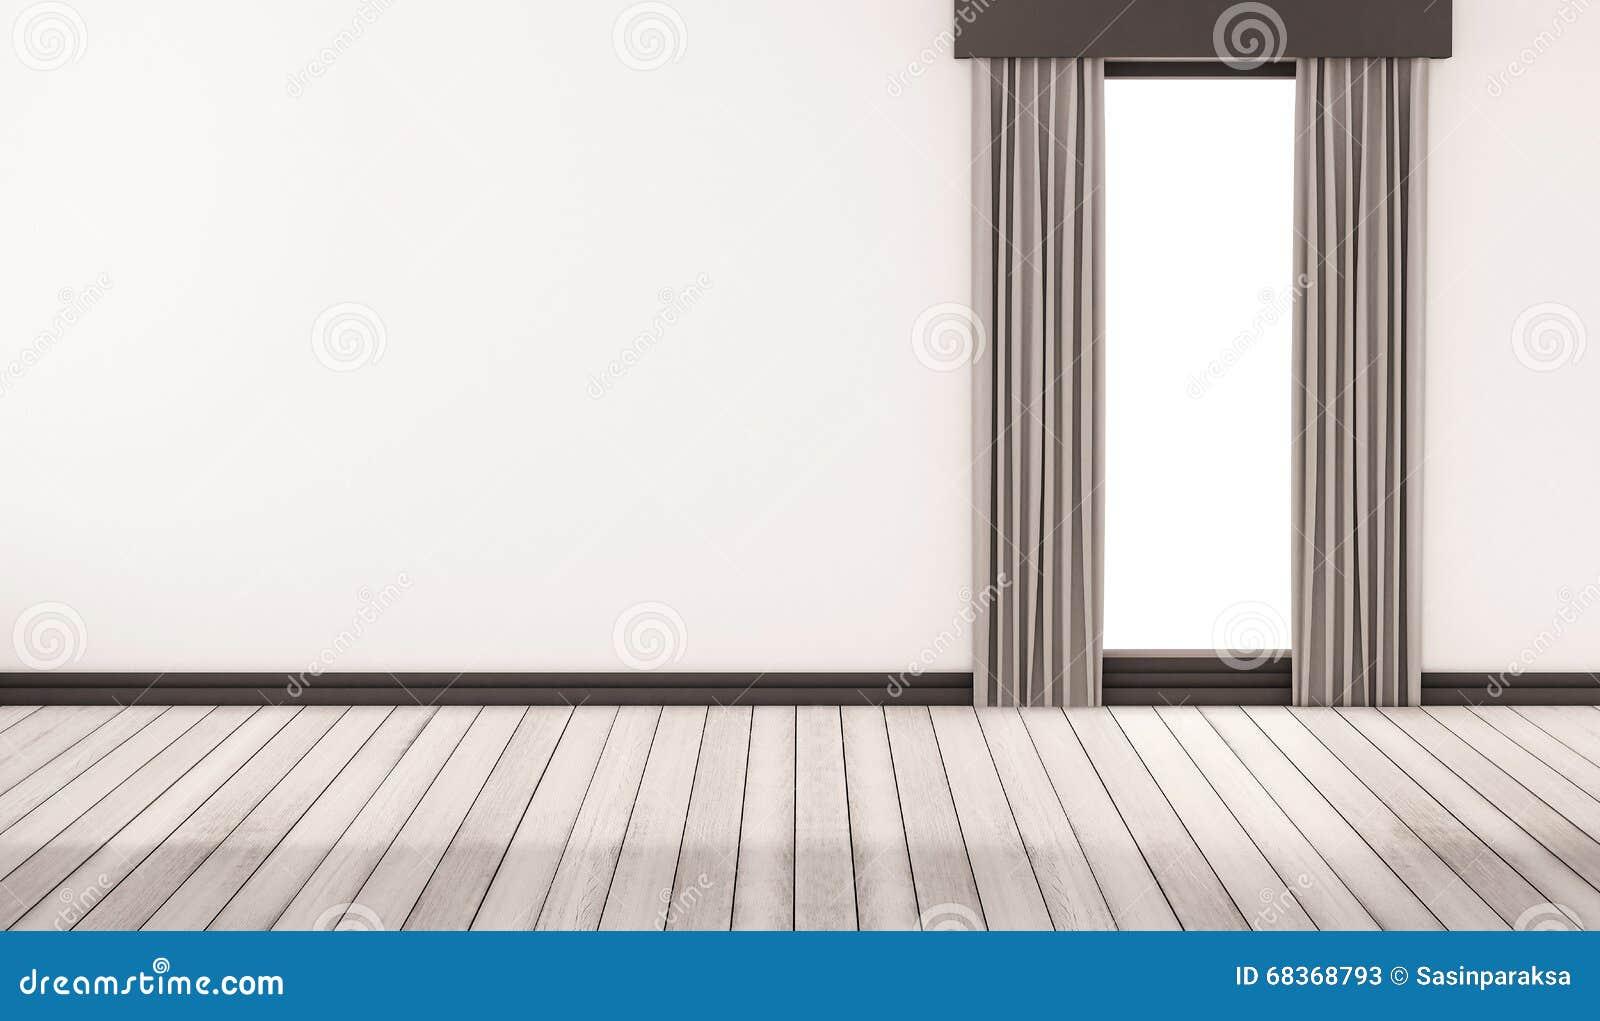 Witte Houten Vloer : Witte houten vloer met witte muur en venster met gordijnen